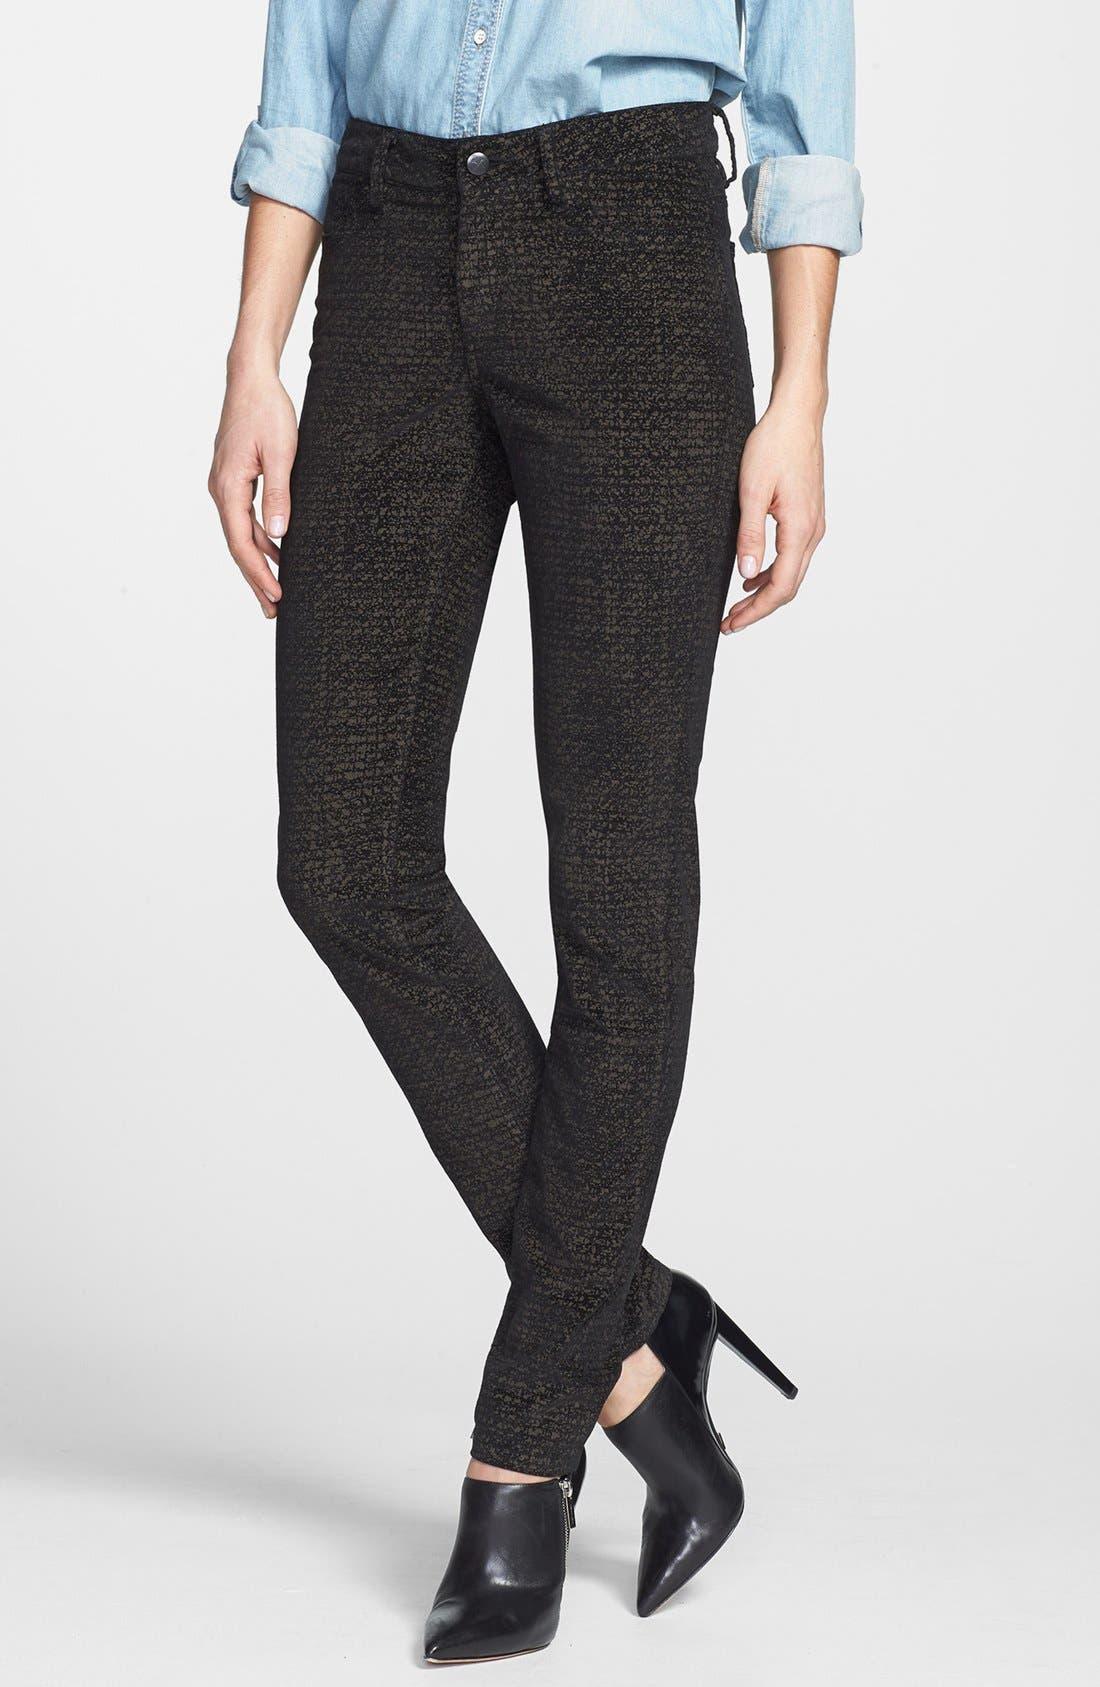 Main Image - Christopher Blue 'Sophia' Velvet Skinny Jeans (Black/Gold)